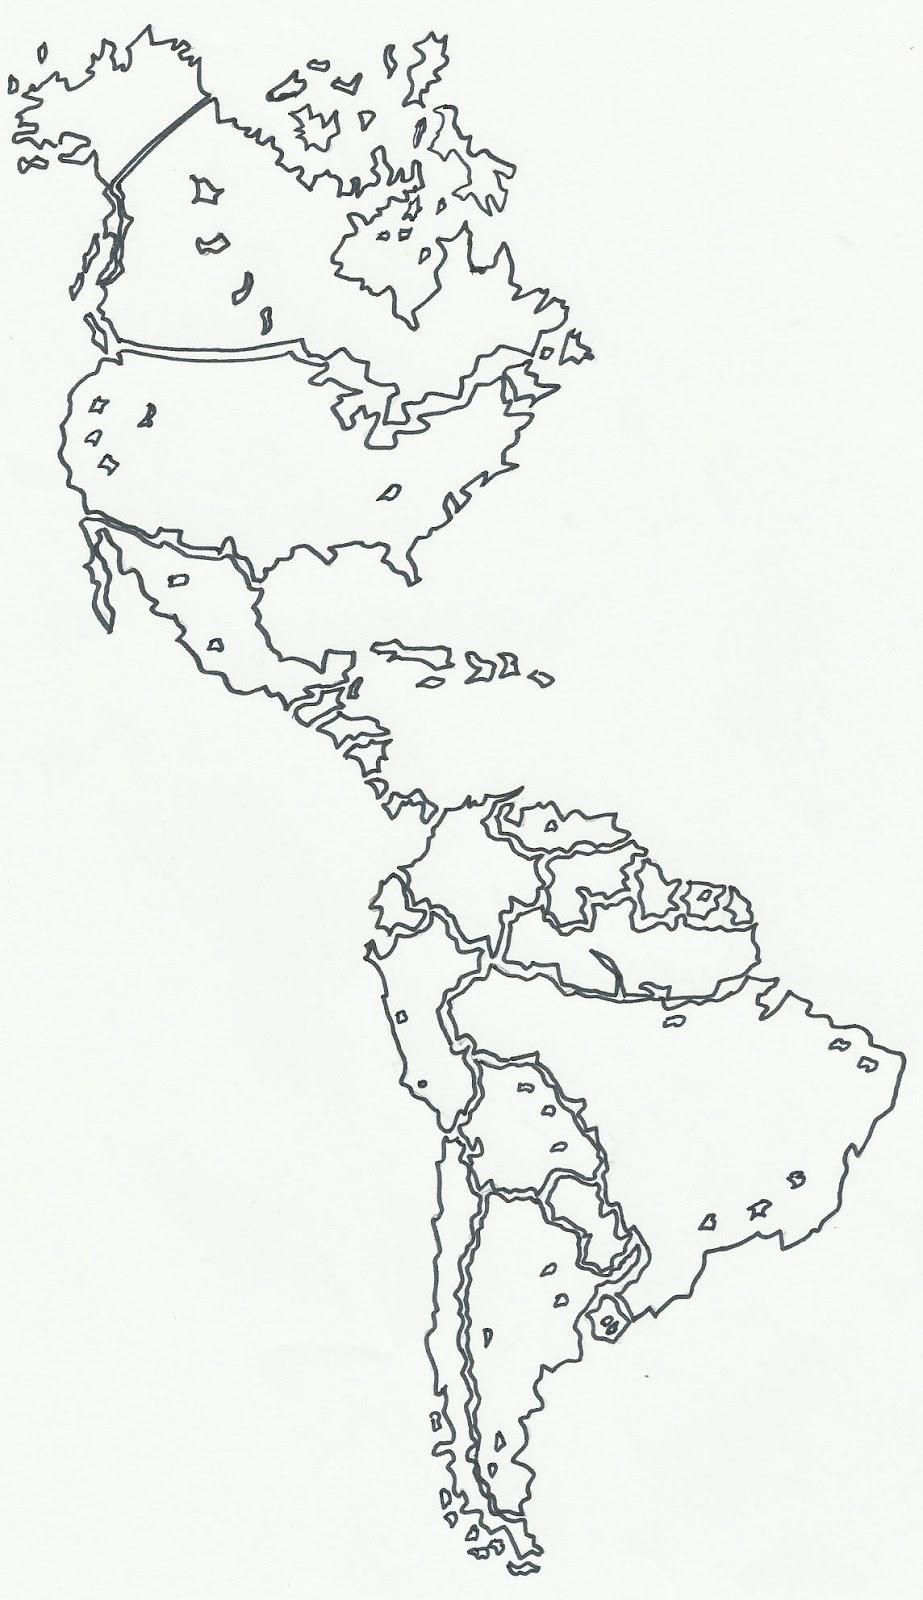 Techtmicse Dibujar El Mapa Del Peru Y Ubicar La Cultura